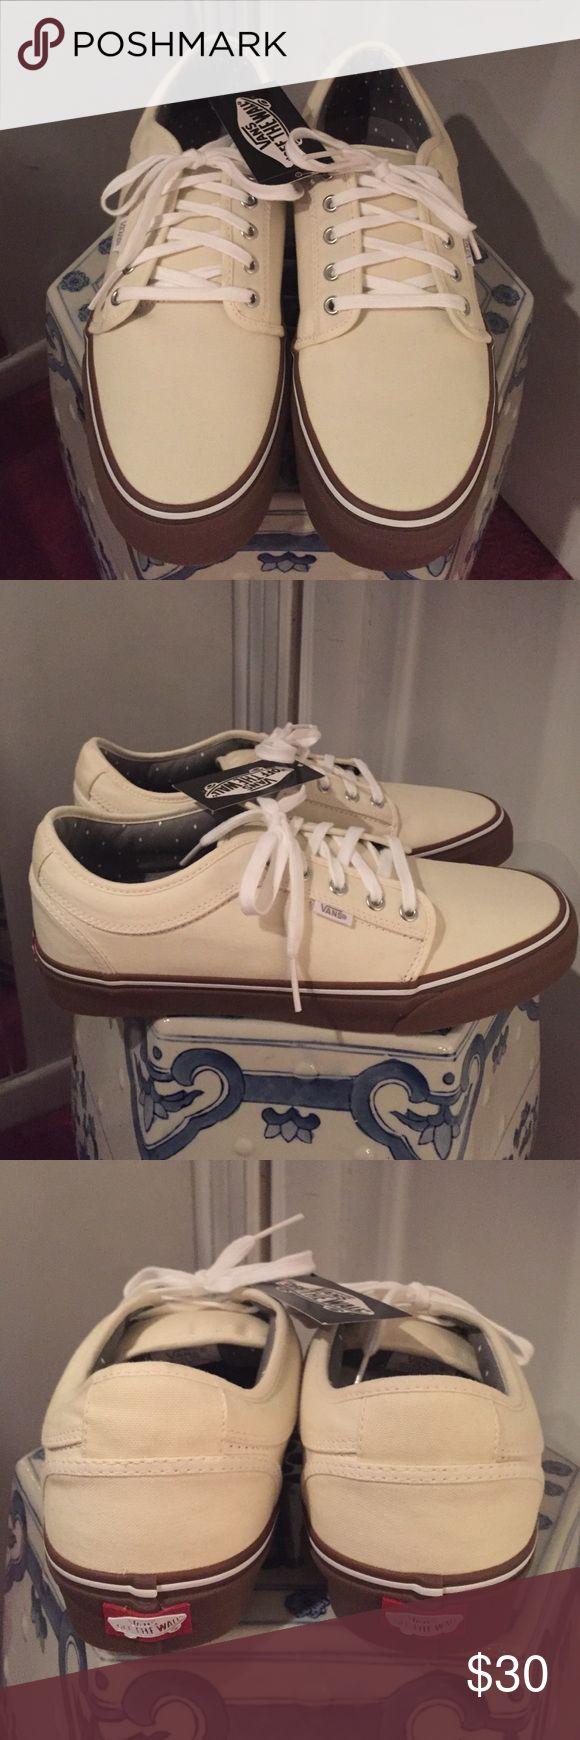 New Authentic Vans men's shoes Cream colored canvas material Vans Shoes Sneakers